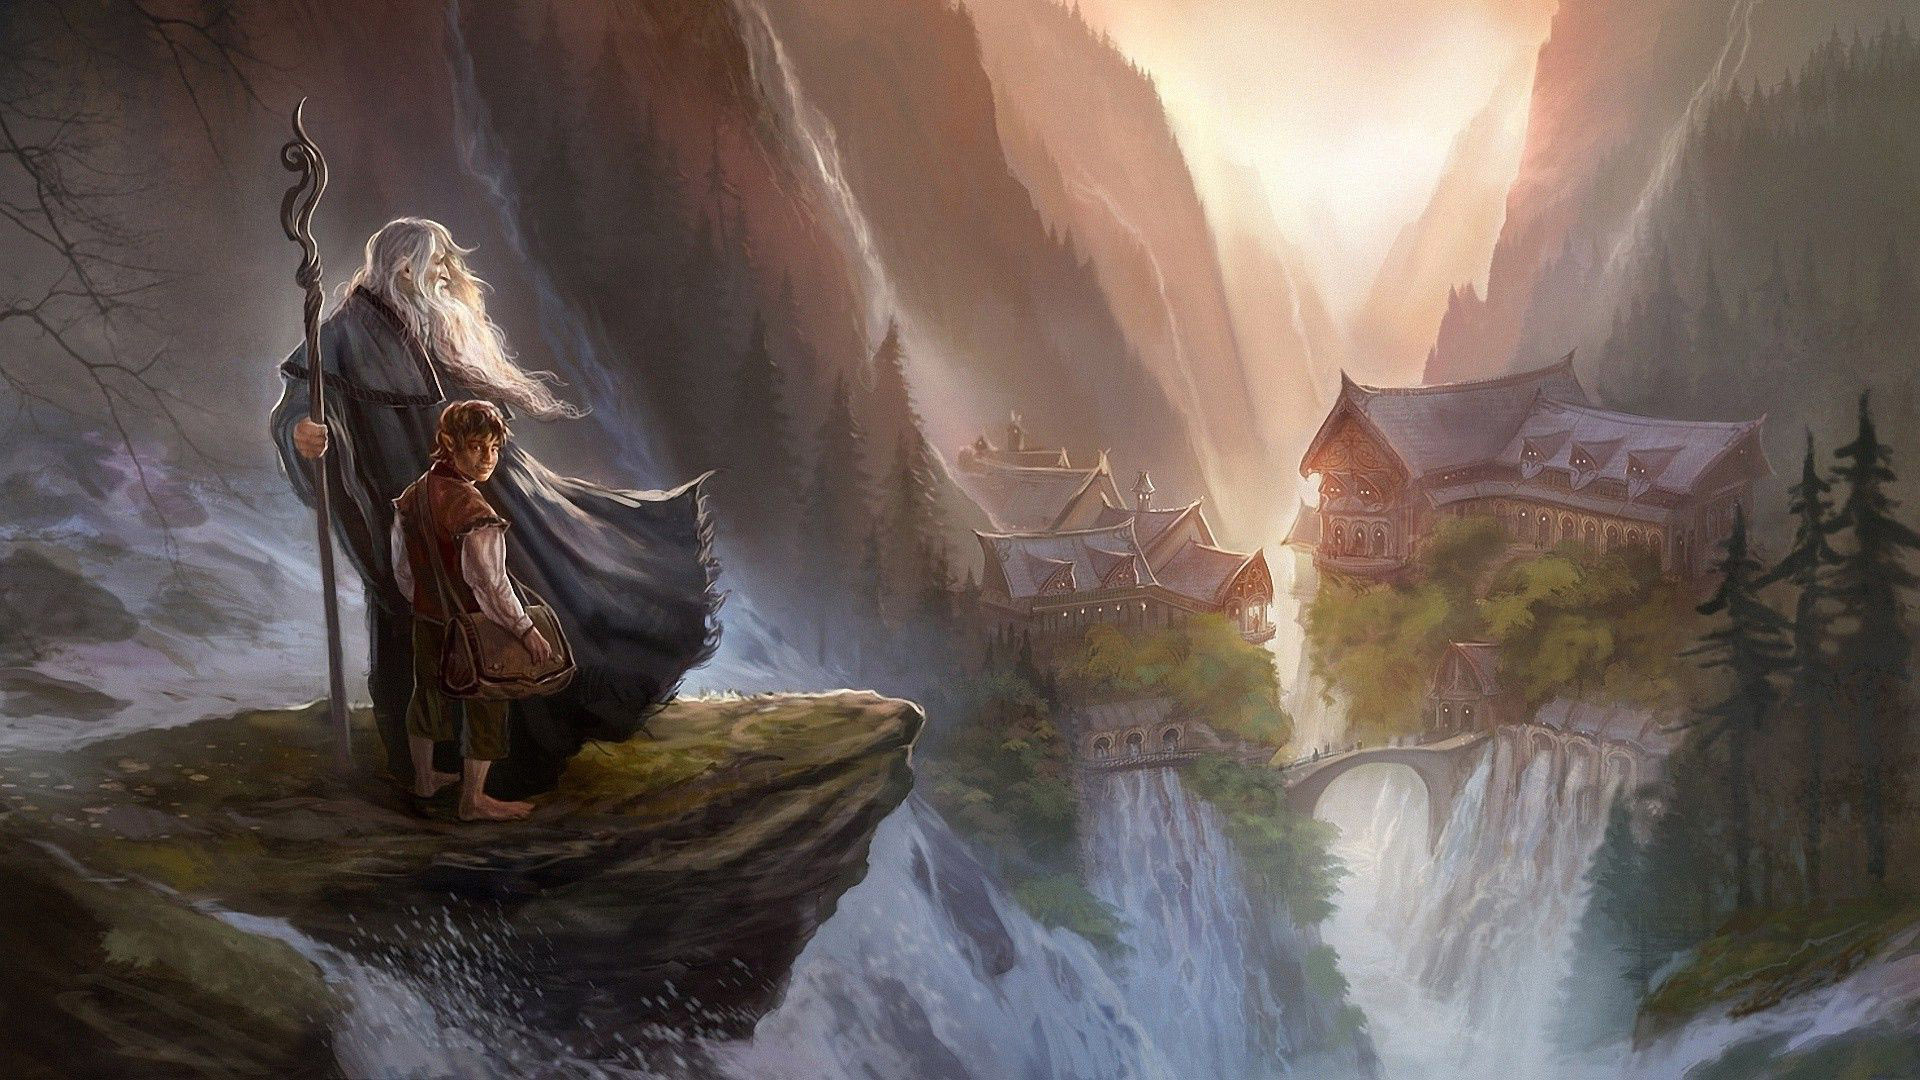 Gandalf and Bilbo Baggins   The Hobbit wallpaper 16473 1920x1080